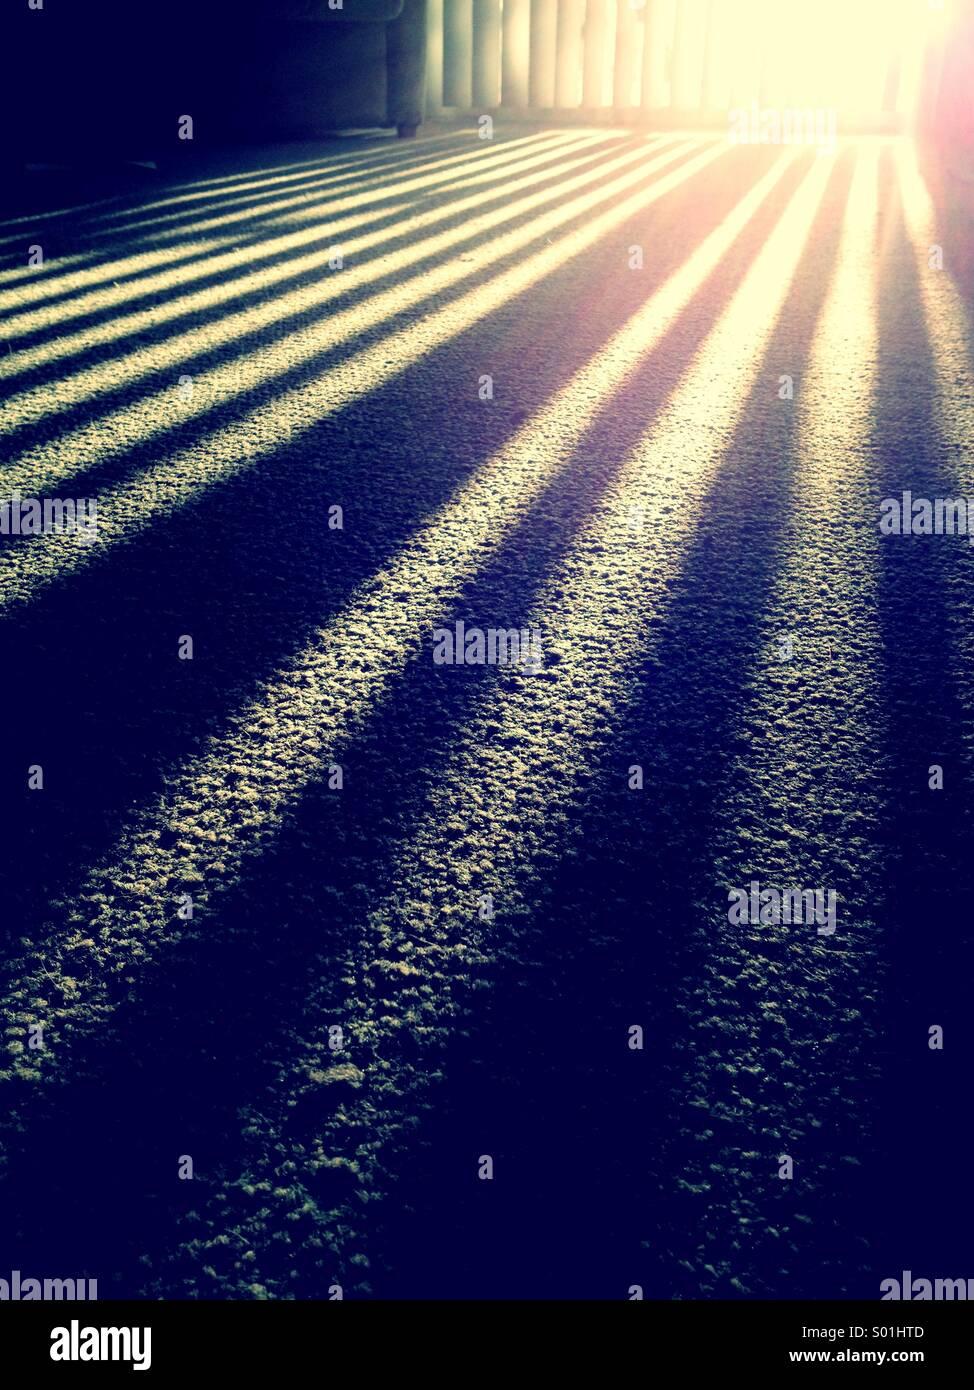 Lumière du soleil à travers les stores Photo Stock